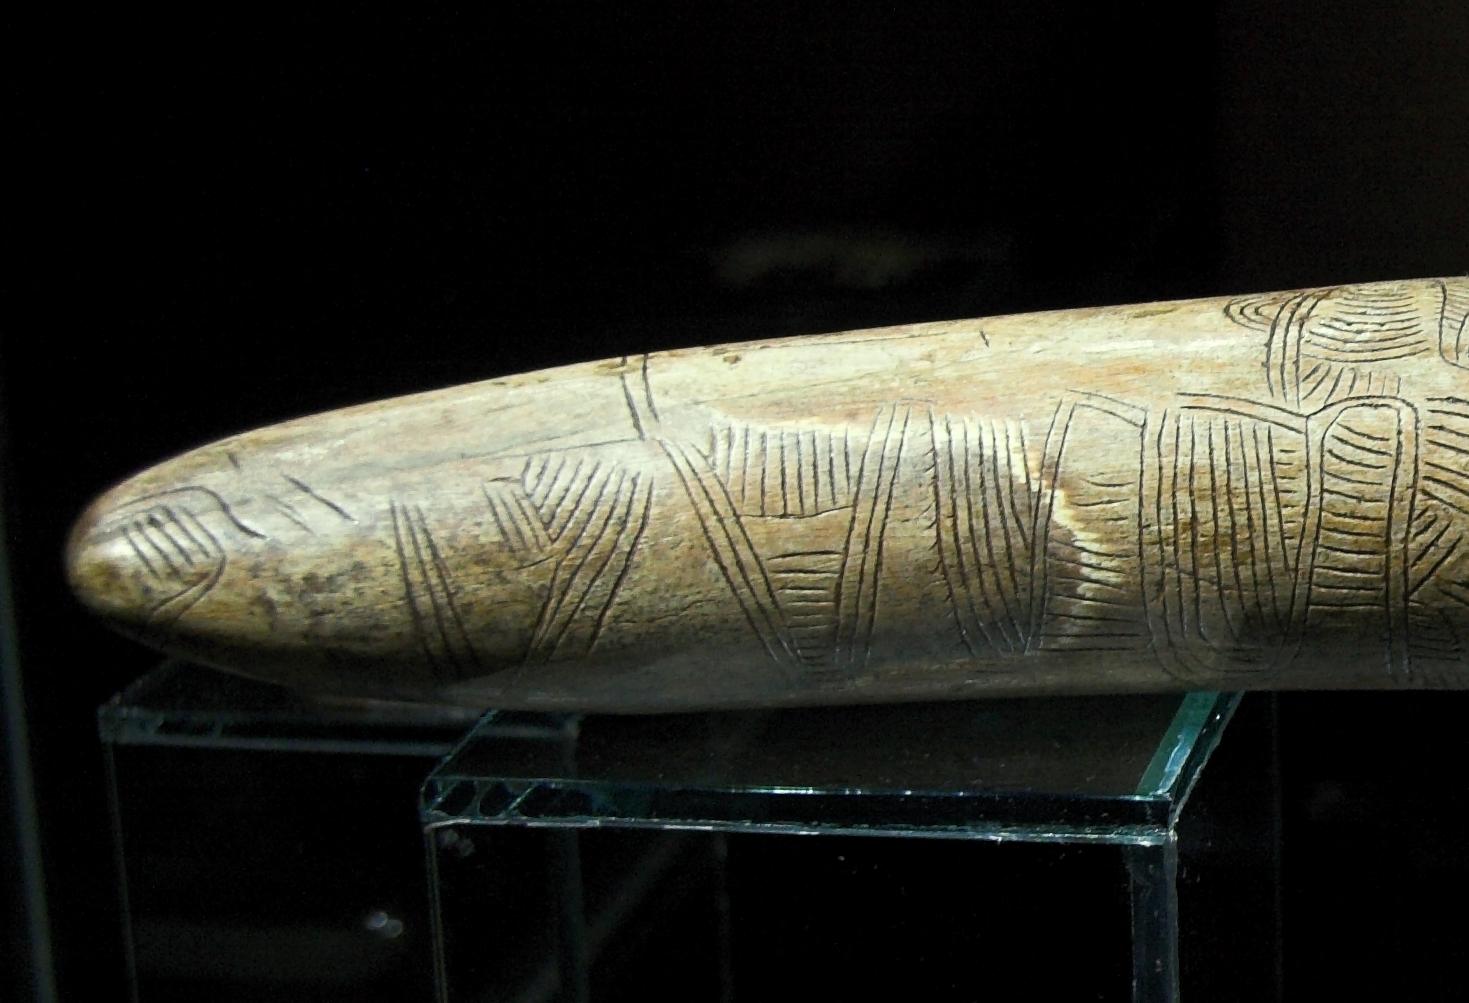 Εικόνα του πρώτου ευρήματος με χάρτη «Engraving on a mammoth tusk, map, Gravettian», Wikipedia commons